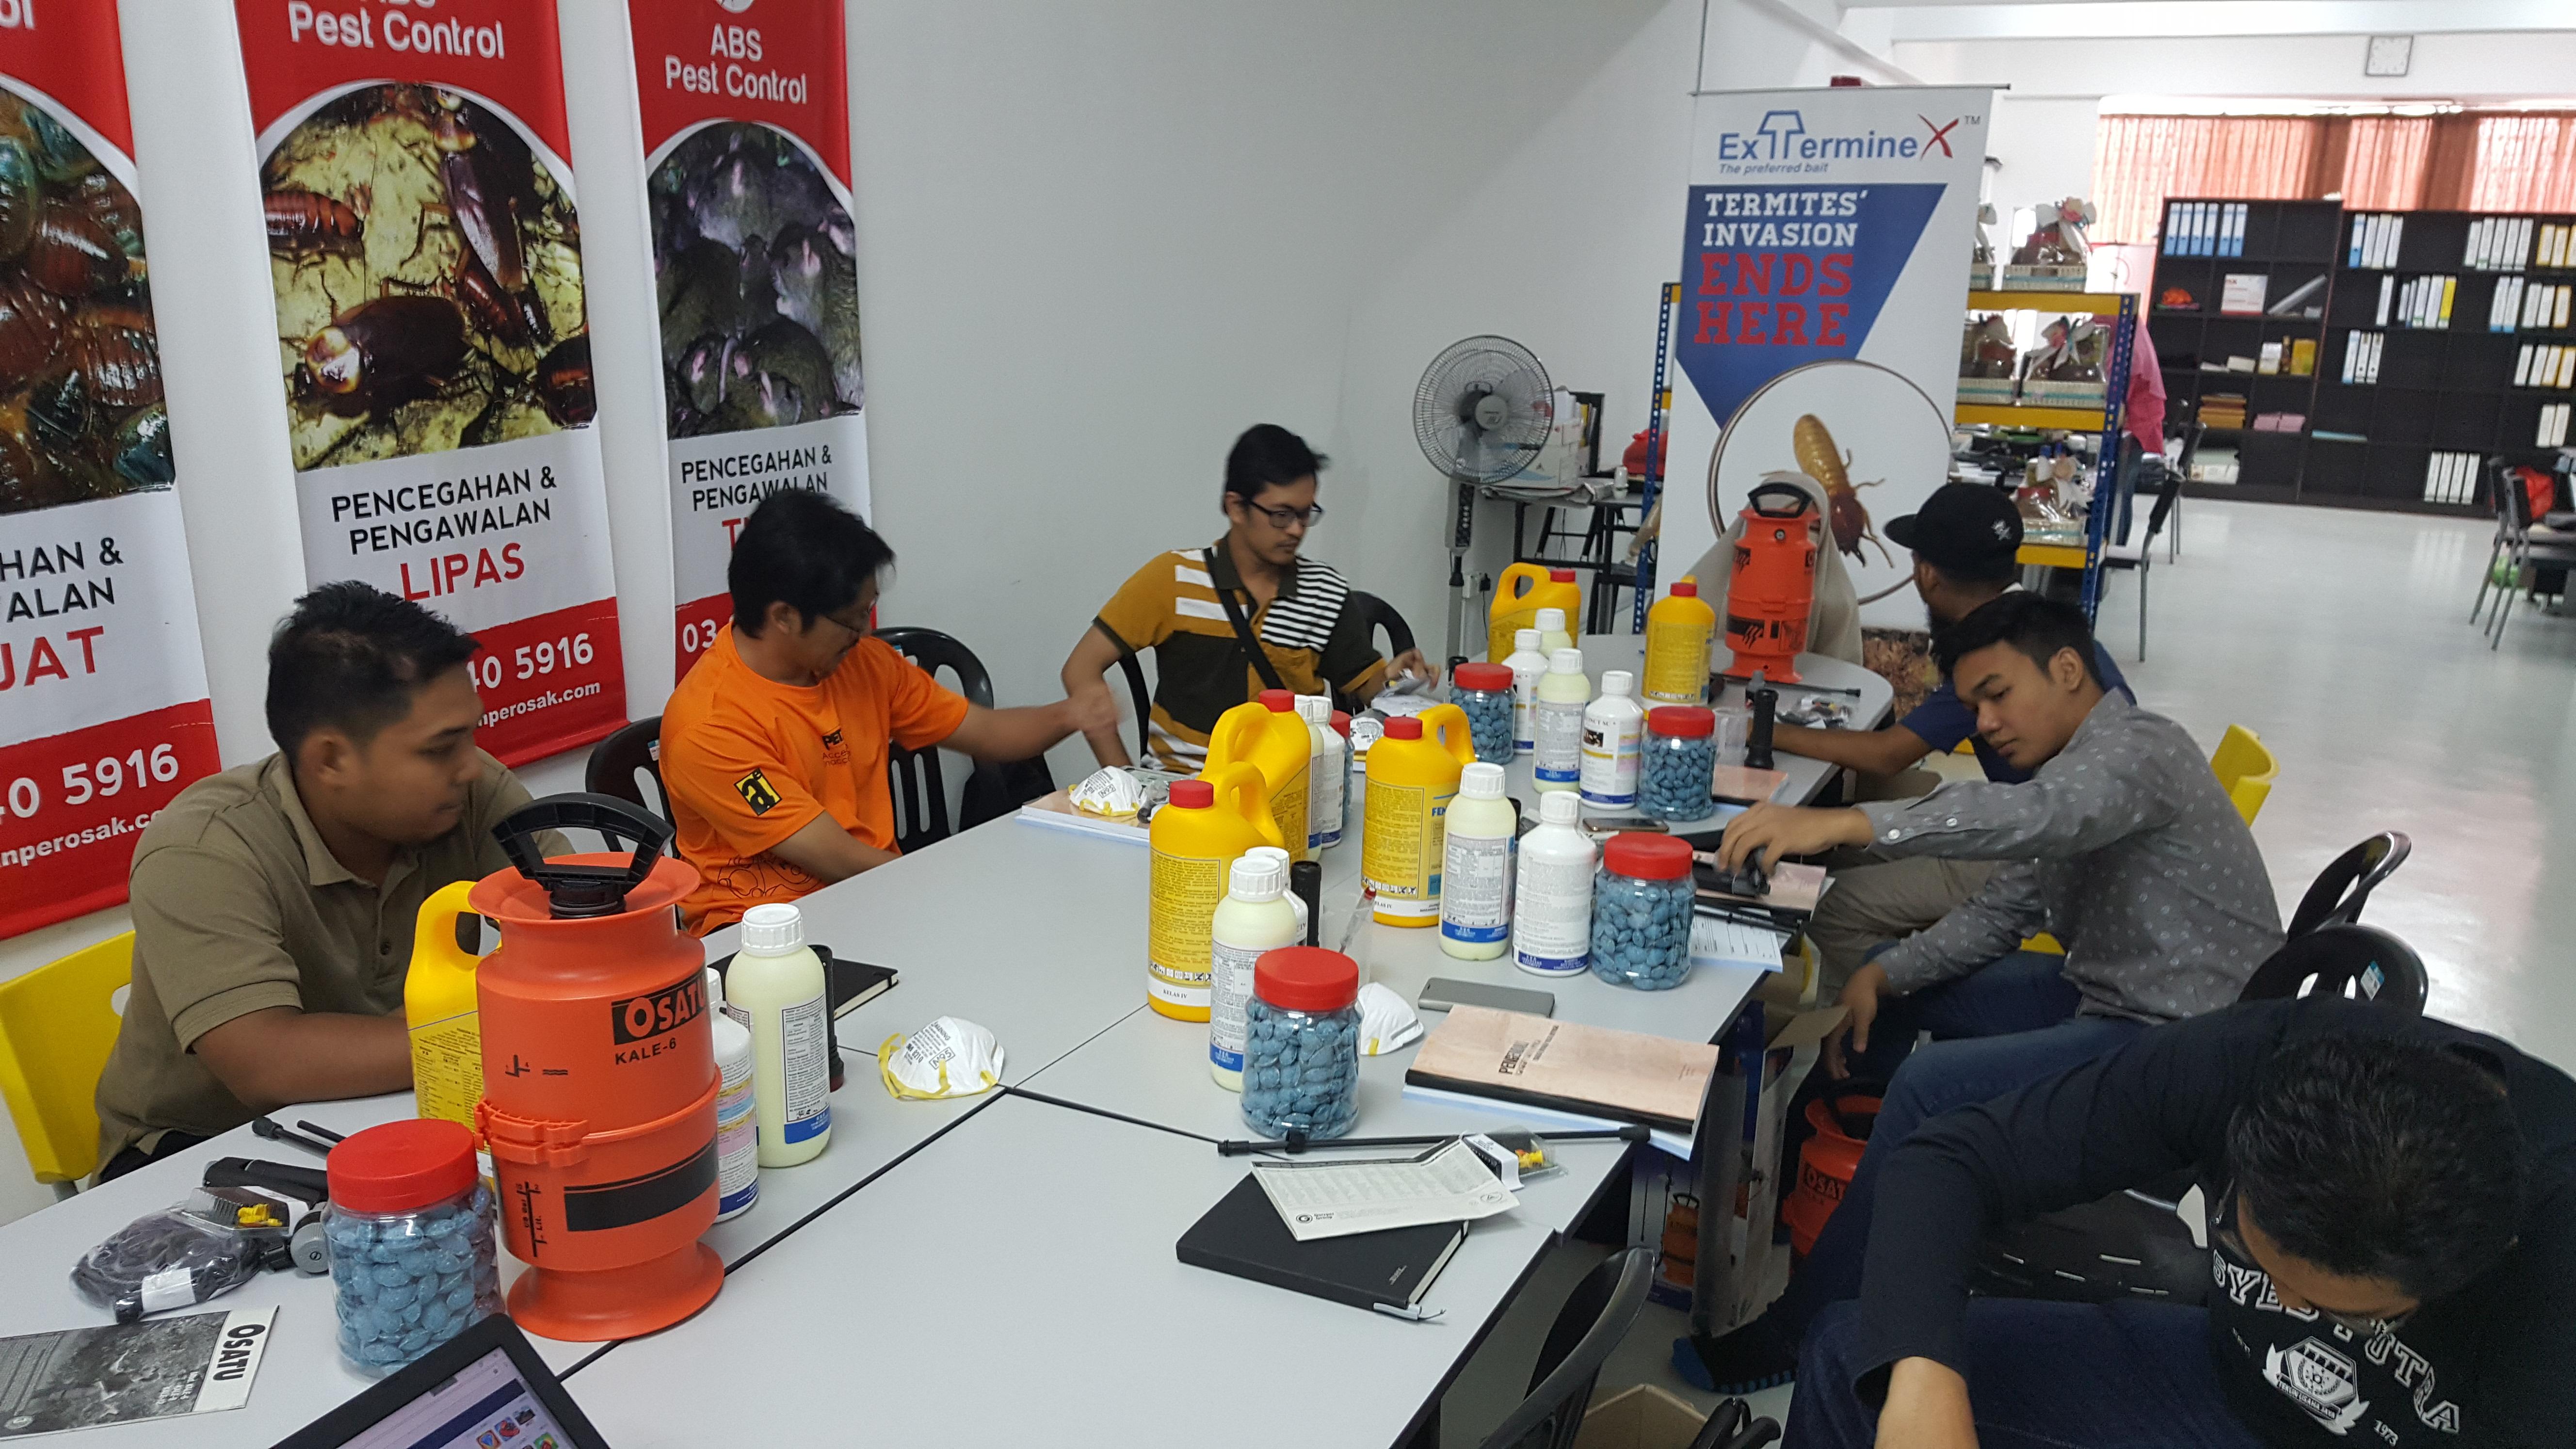 ALNASS Pest Control & Hygiene - Workshop Participant